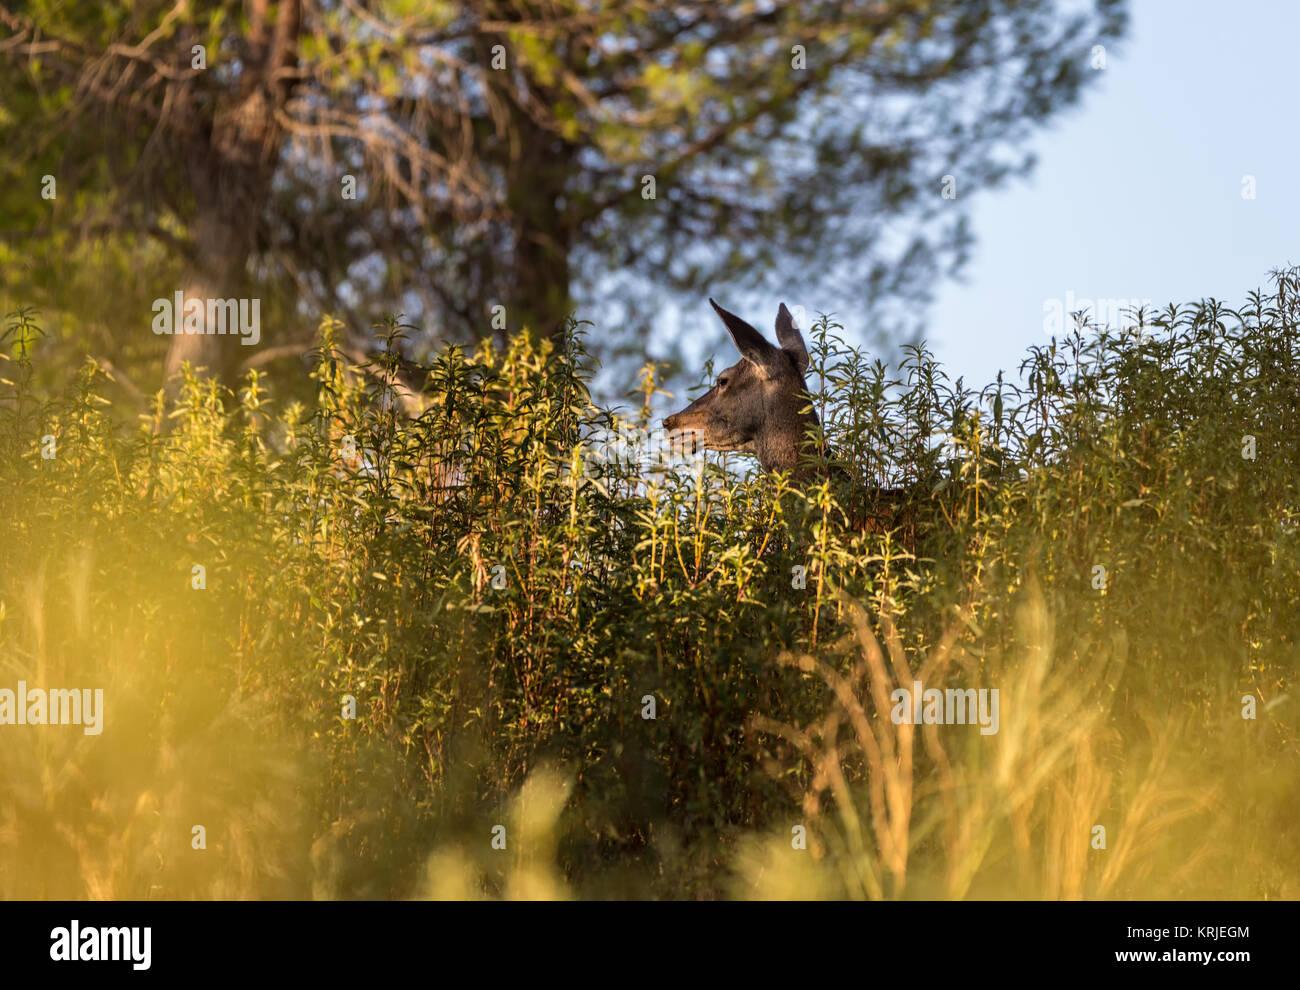 Hembra de ciervo escondidas entre la vegetación en un bosque de pinos. Imagen De Stock